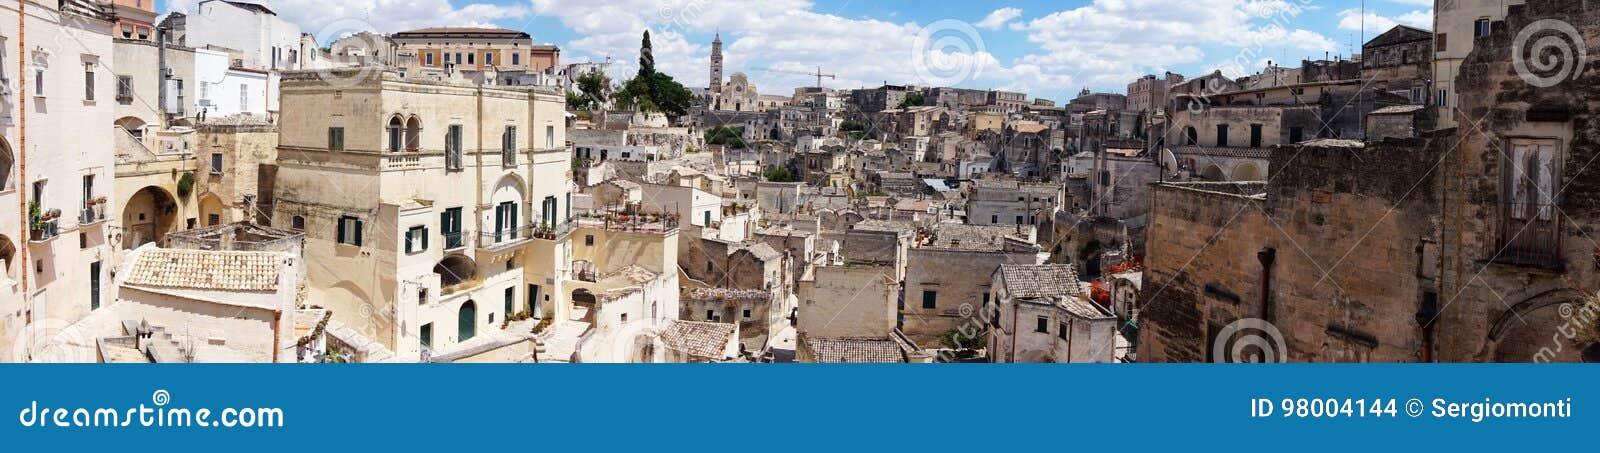 Καταπληκτική πανοραμική άποψη από ένα μπαλκόνι του χαρακτηριστικού Di $matera και εκκλησία Sassi πετρών του ευρωπαϊκού κεφαλαίου